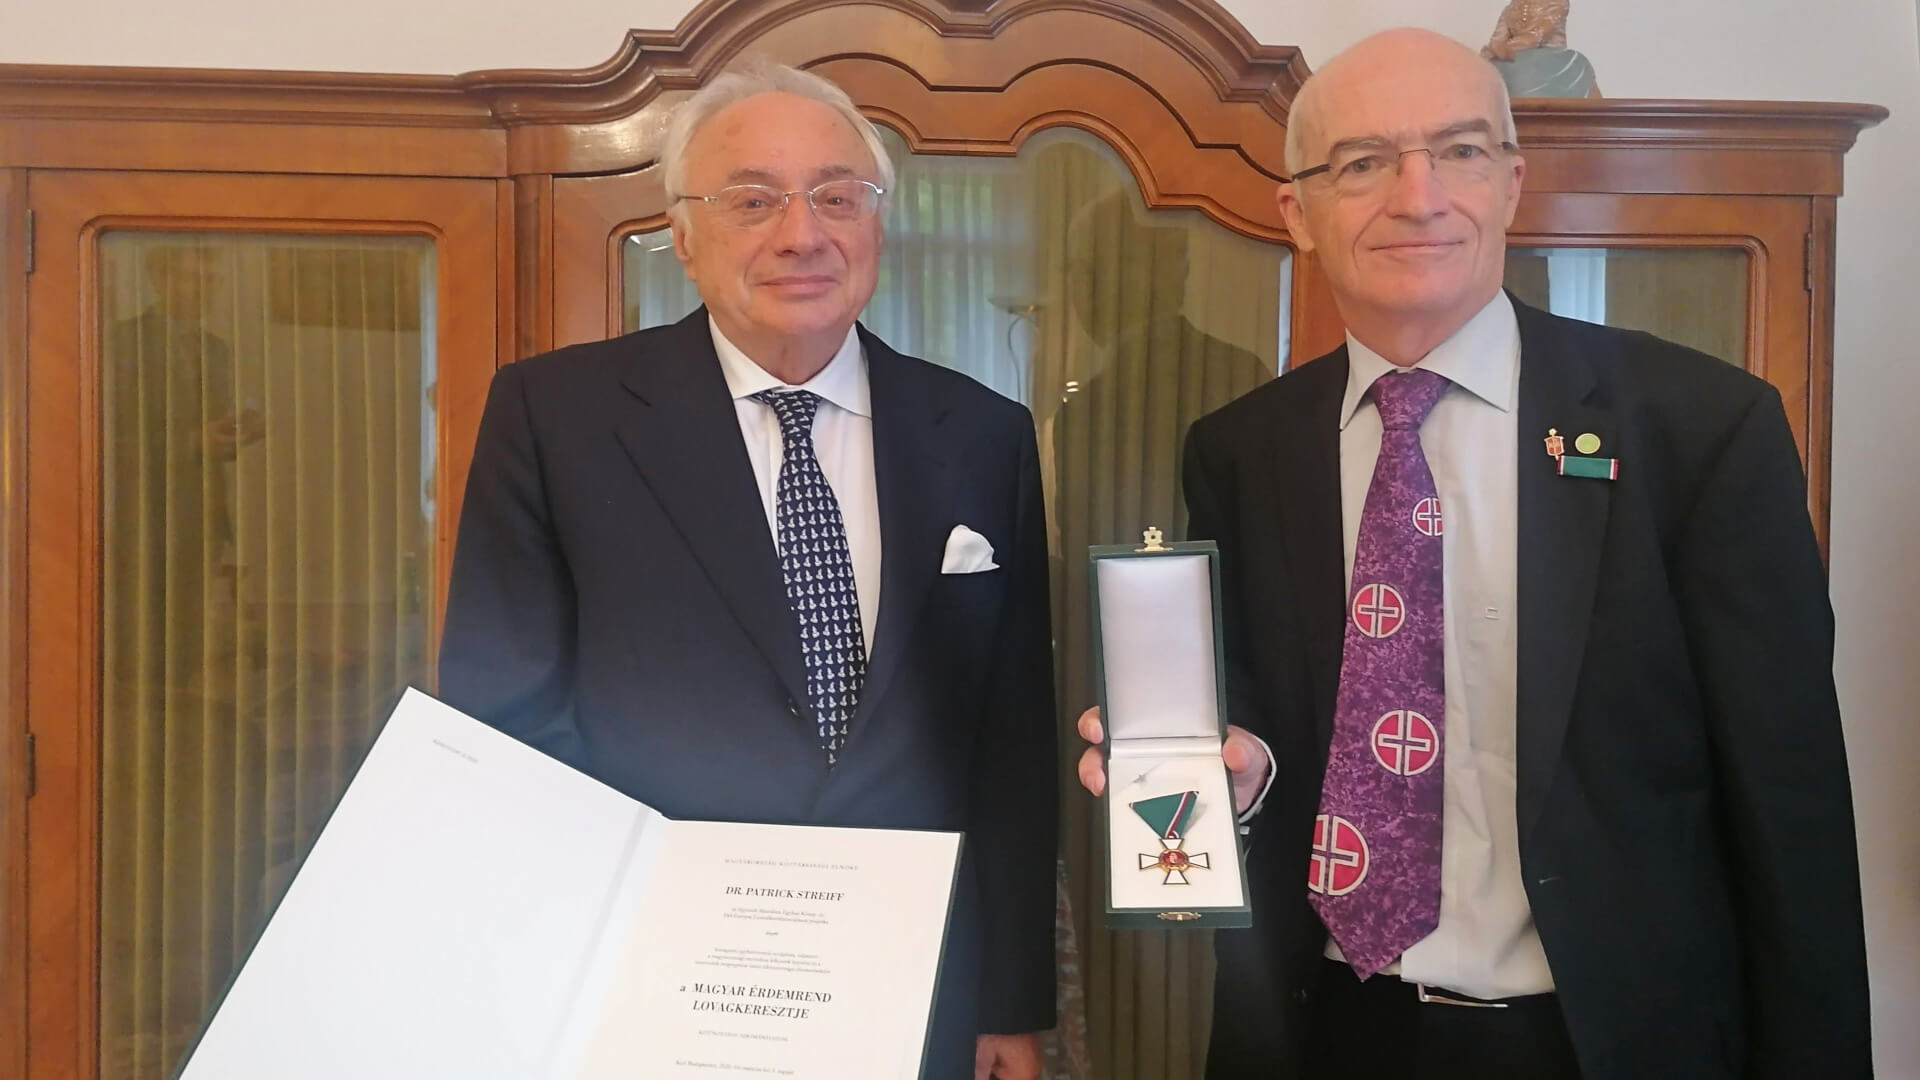 Bischof Patrick Steiff (r.) und der ungarische Botschafter István Nagy